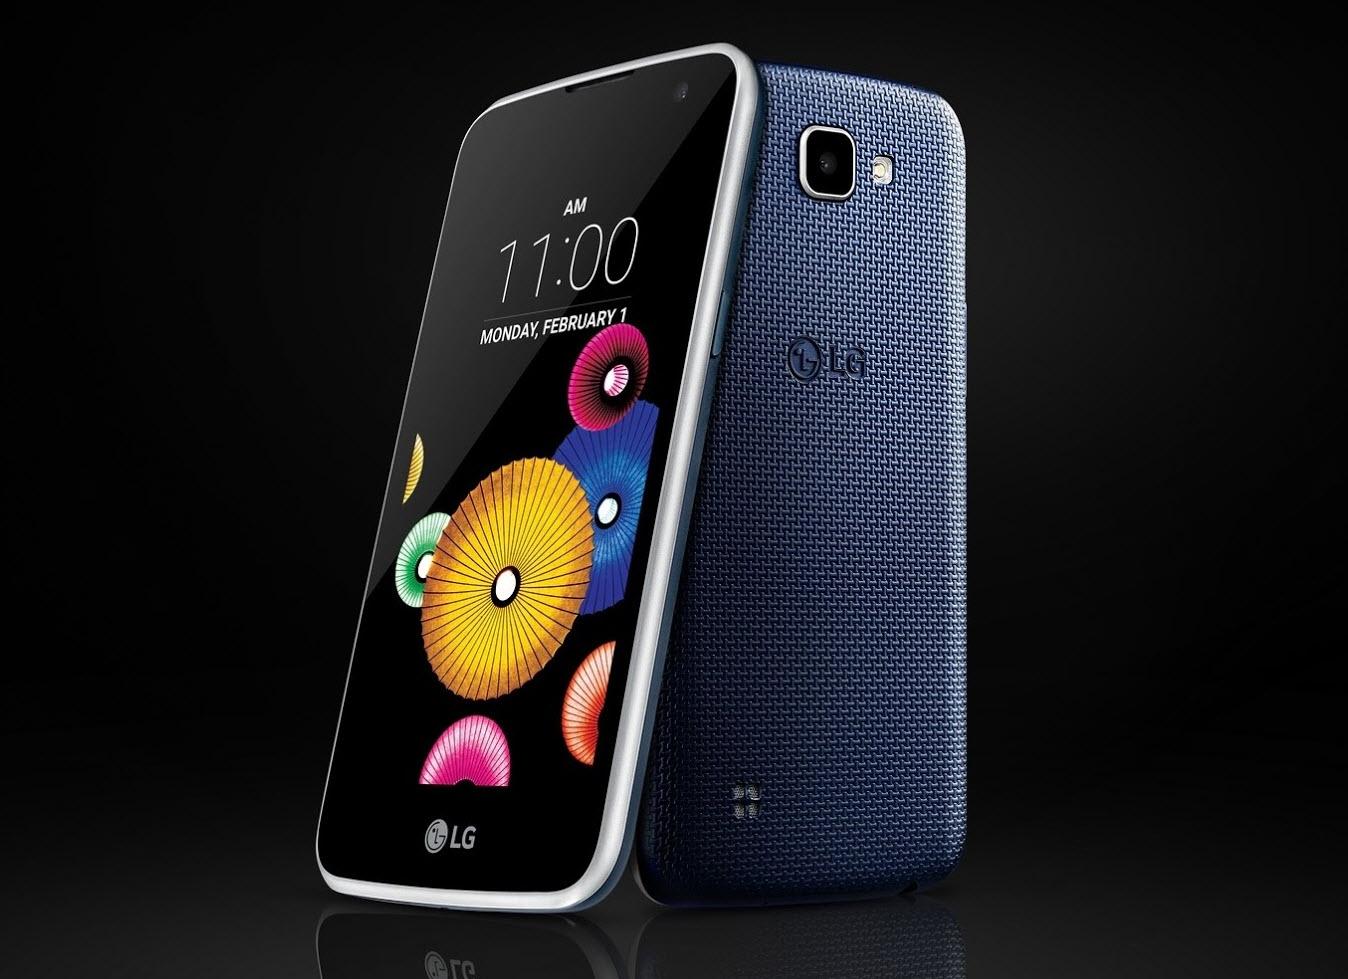 LG lansează telefoanele K10 şi K4 la nivel internaţional; Modele de buget cu preţuri sub 200 de dolari